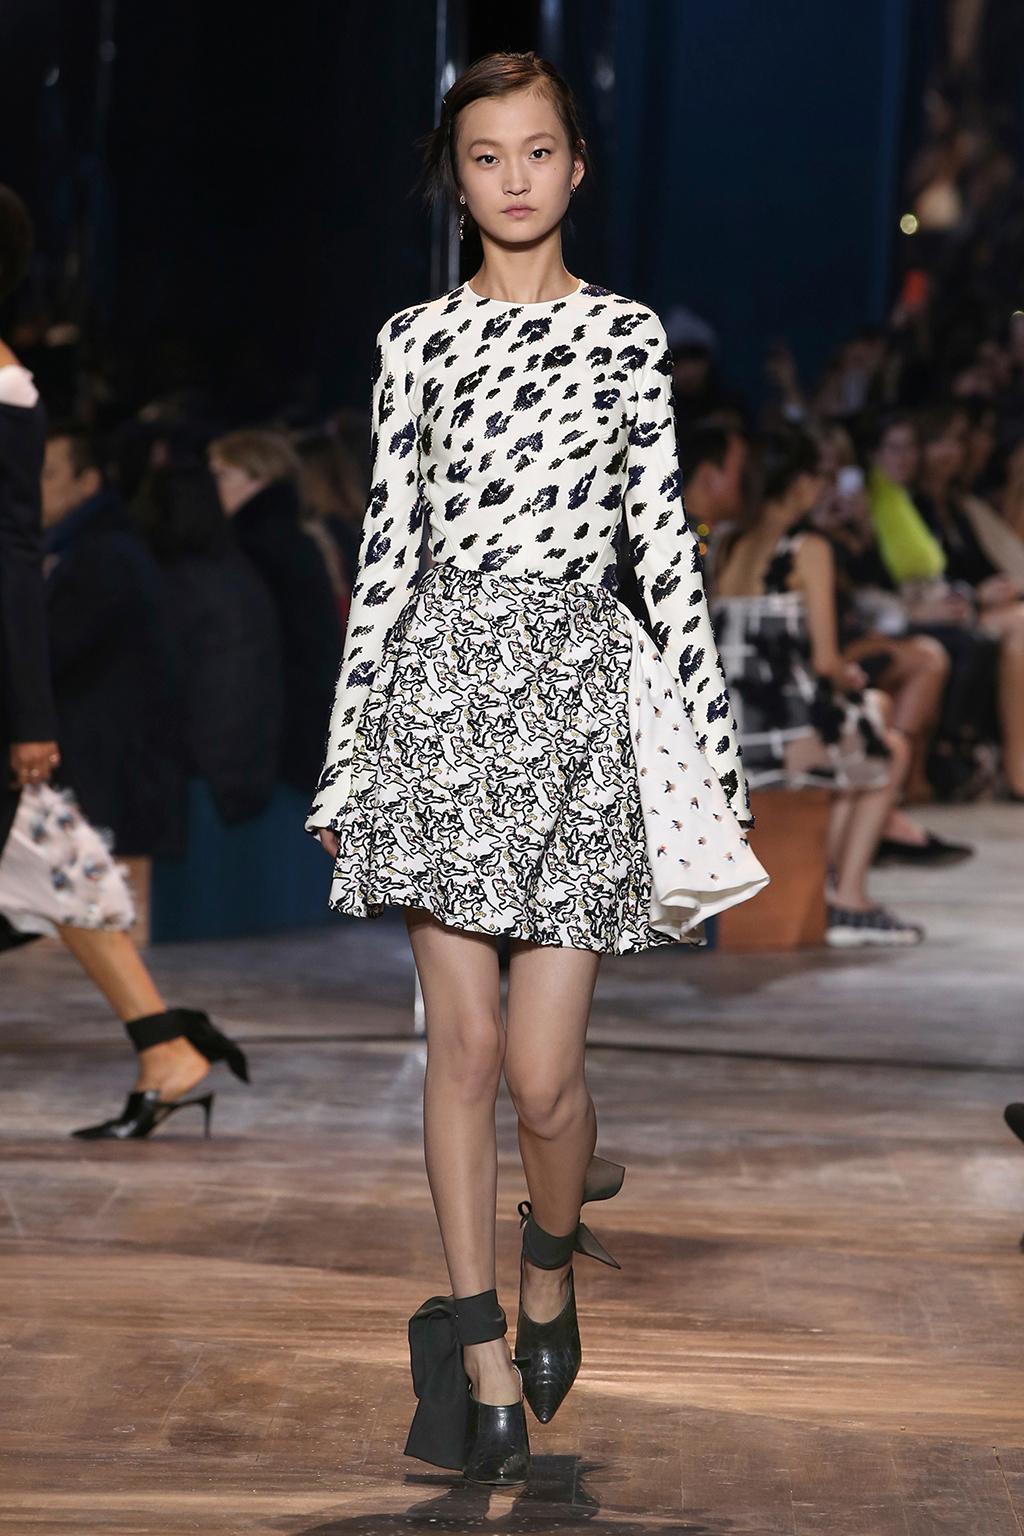 Dior-Couture-Silhouette-03